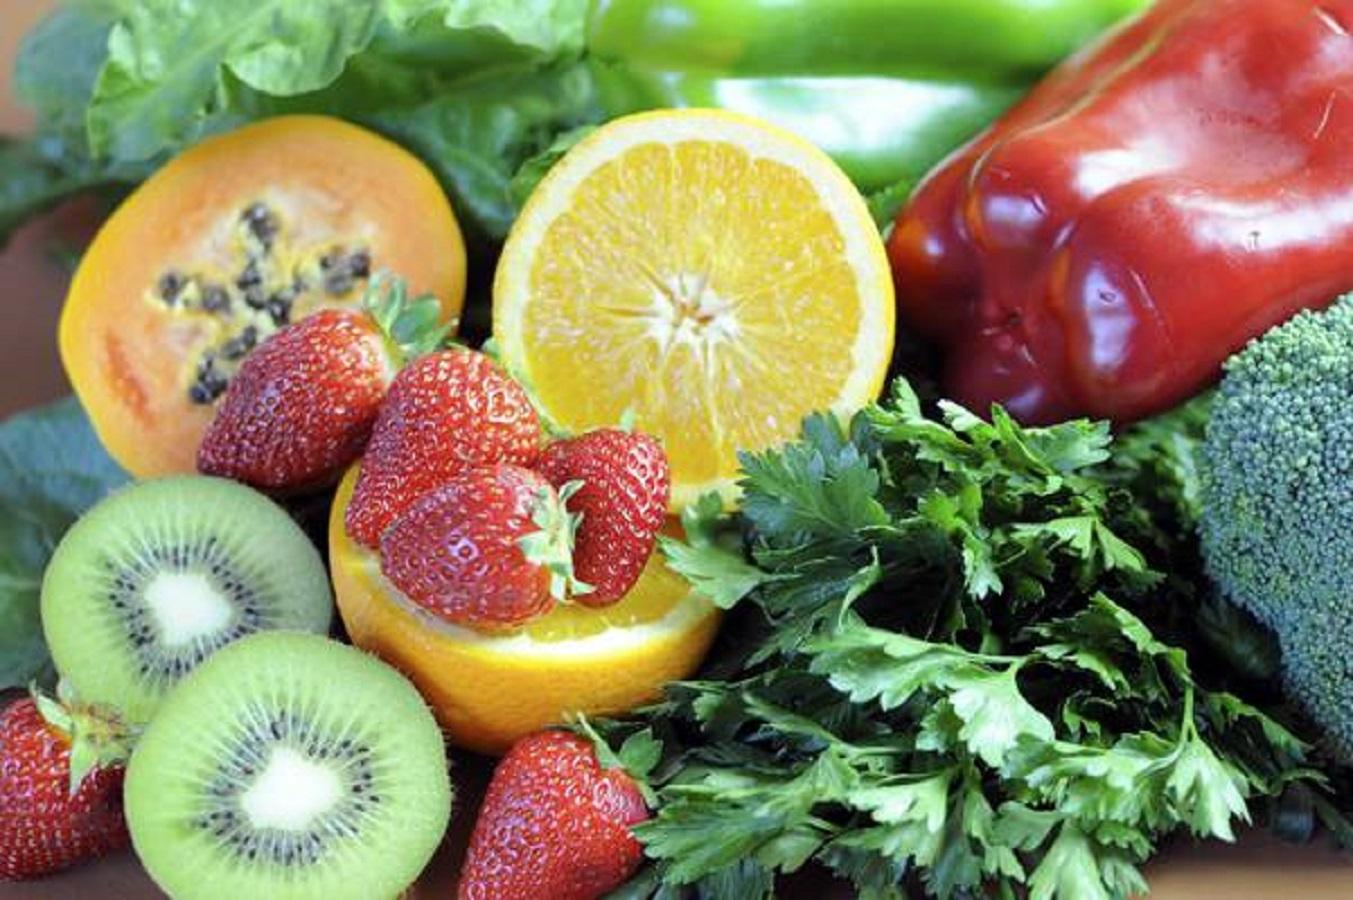 Coronavirus, vitamina C utile? La risposta del virologo